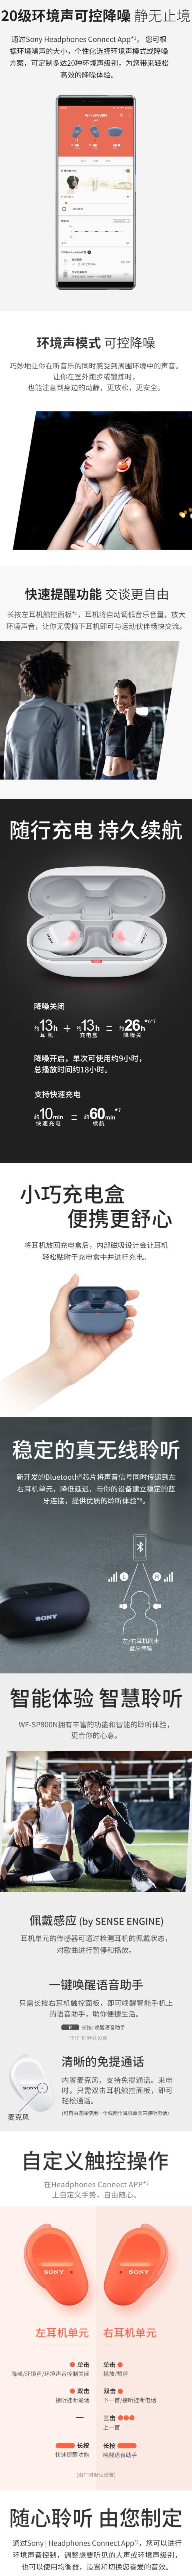 历史最低价!Sony 索尼 WFSP800N 重低音降噪 真无线耳机5.3折 148加元包邮!4色可选!